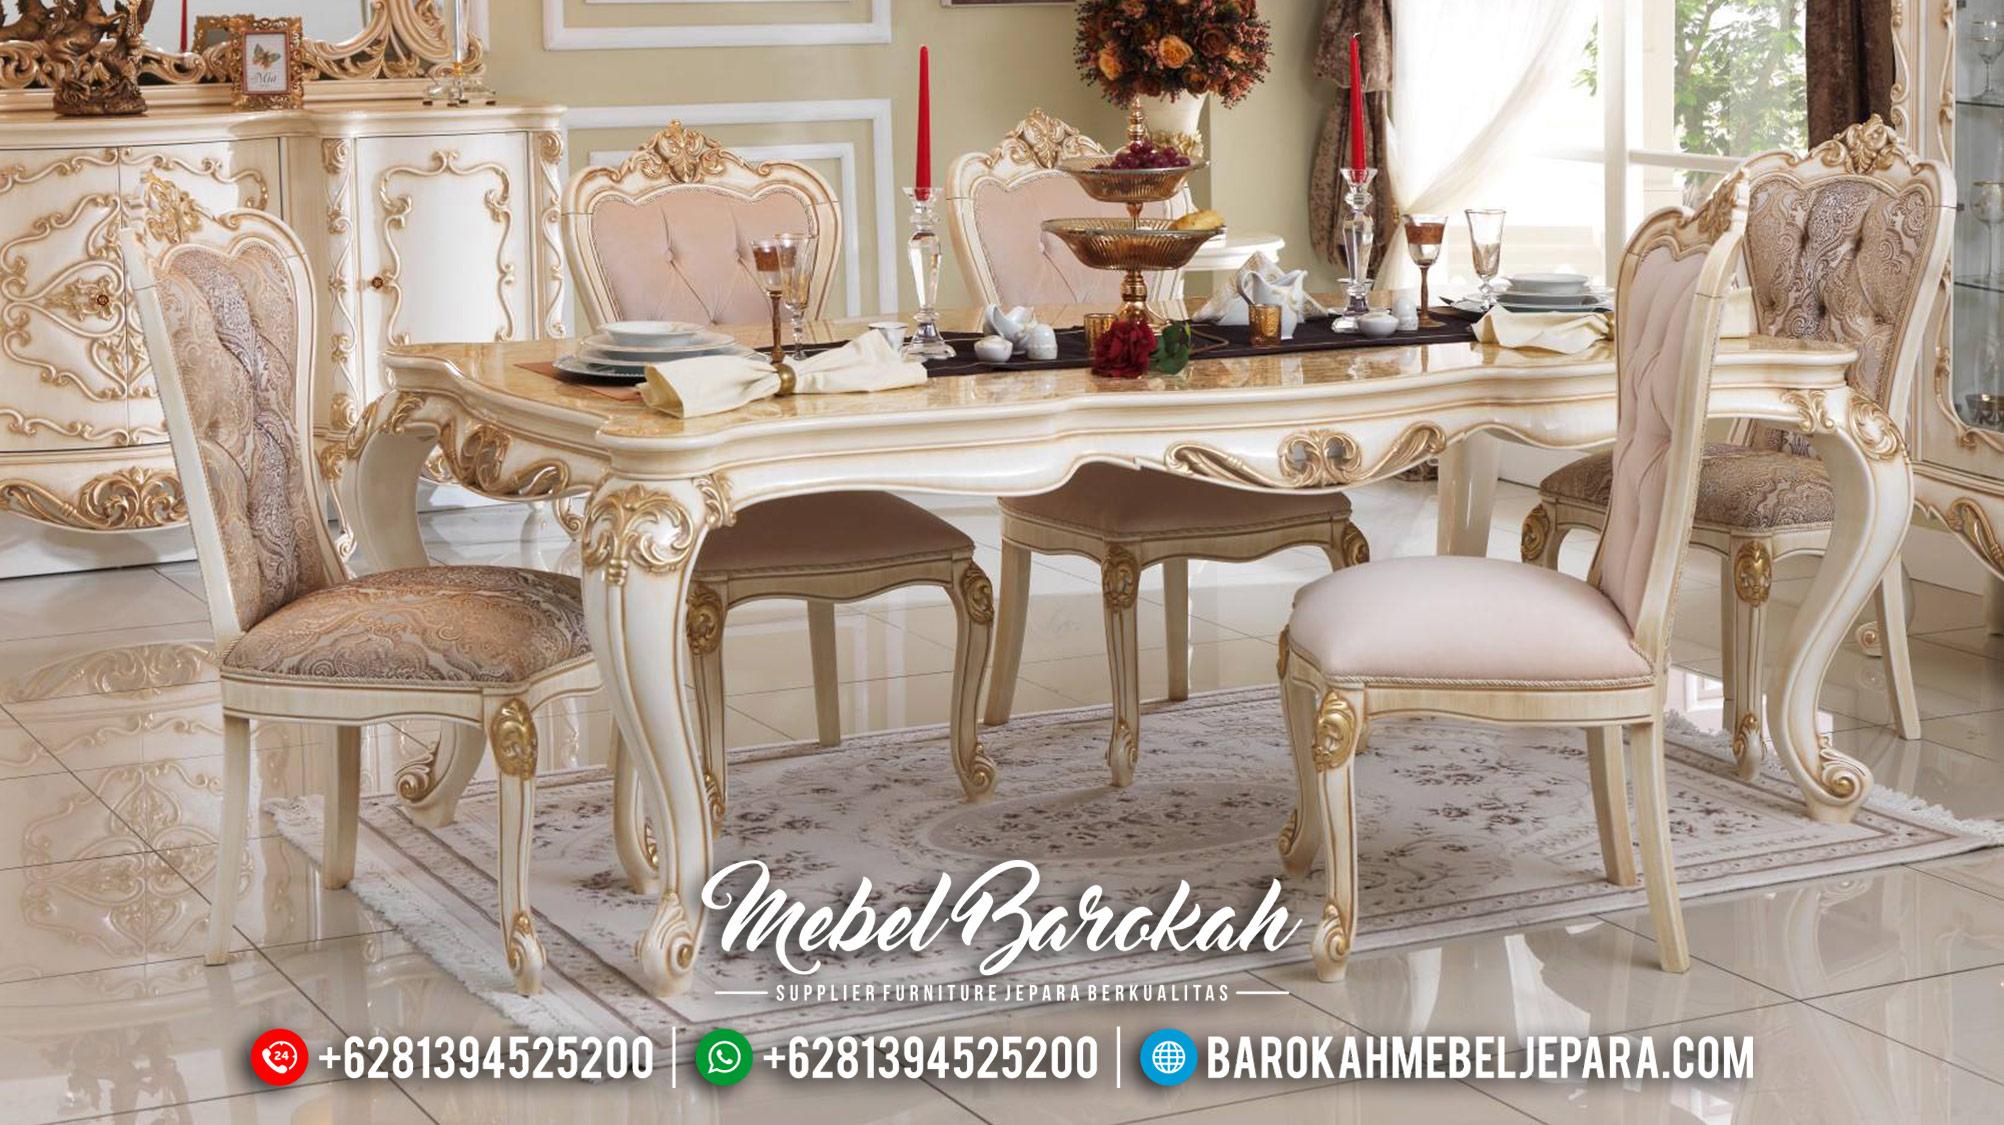 Dining Table Sets Meja Makan Mewah Furniture Jepara Terbaru MB-0459